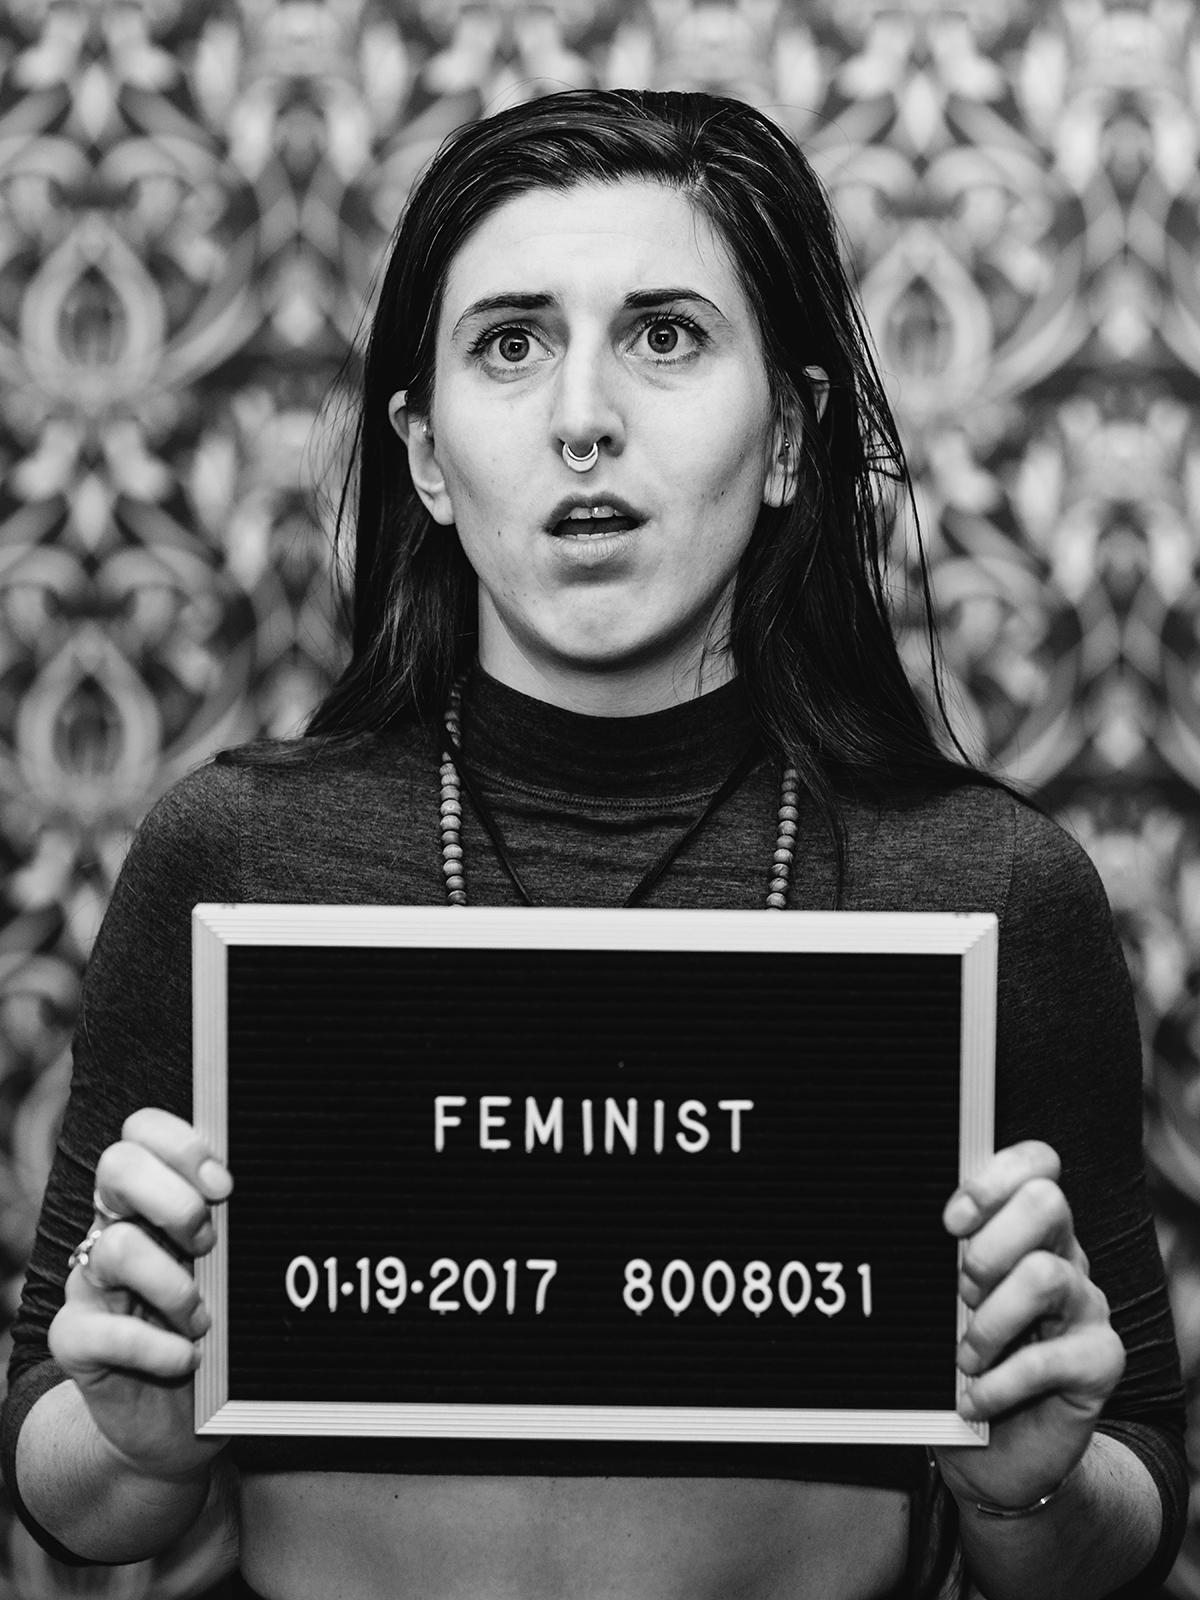 8008031 feminist.jpg